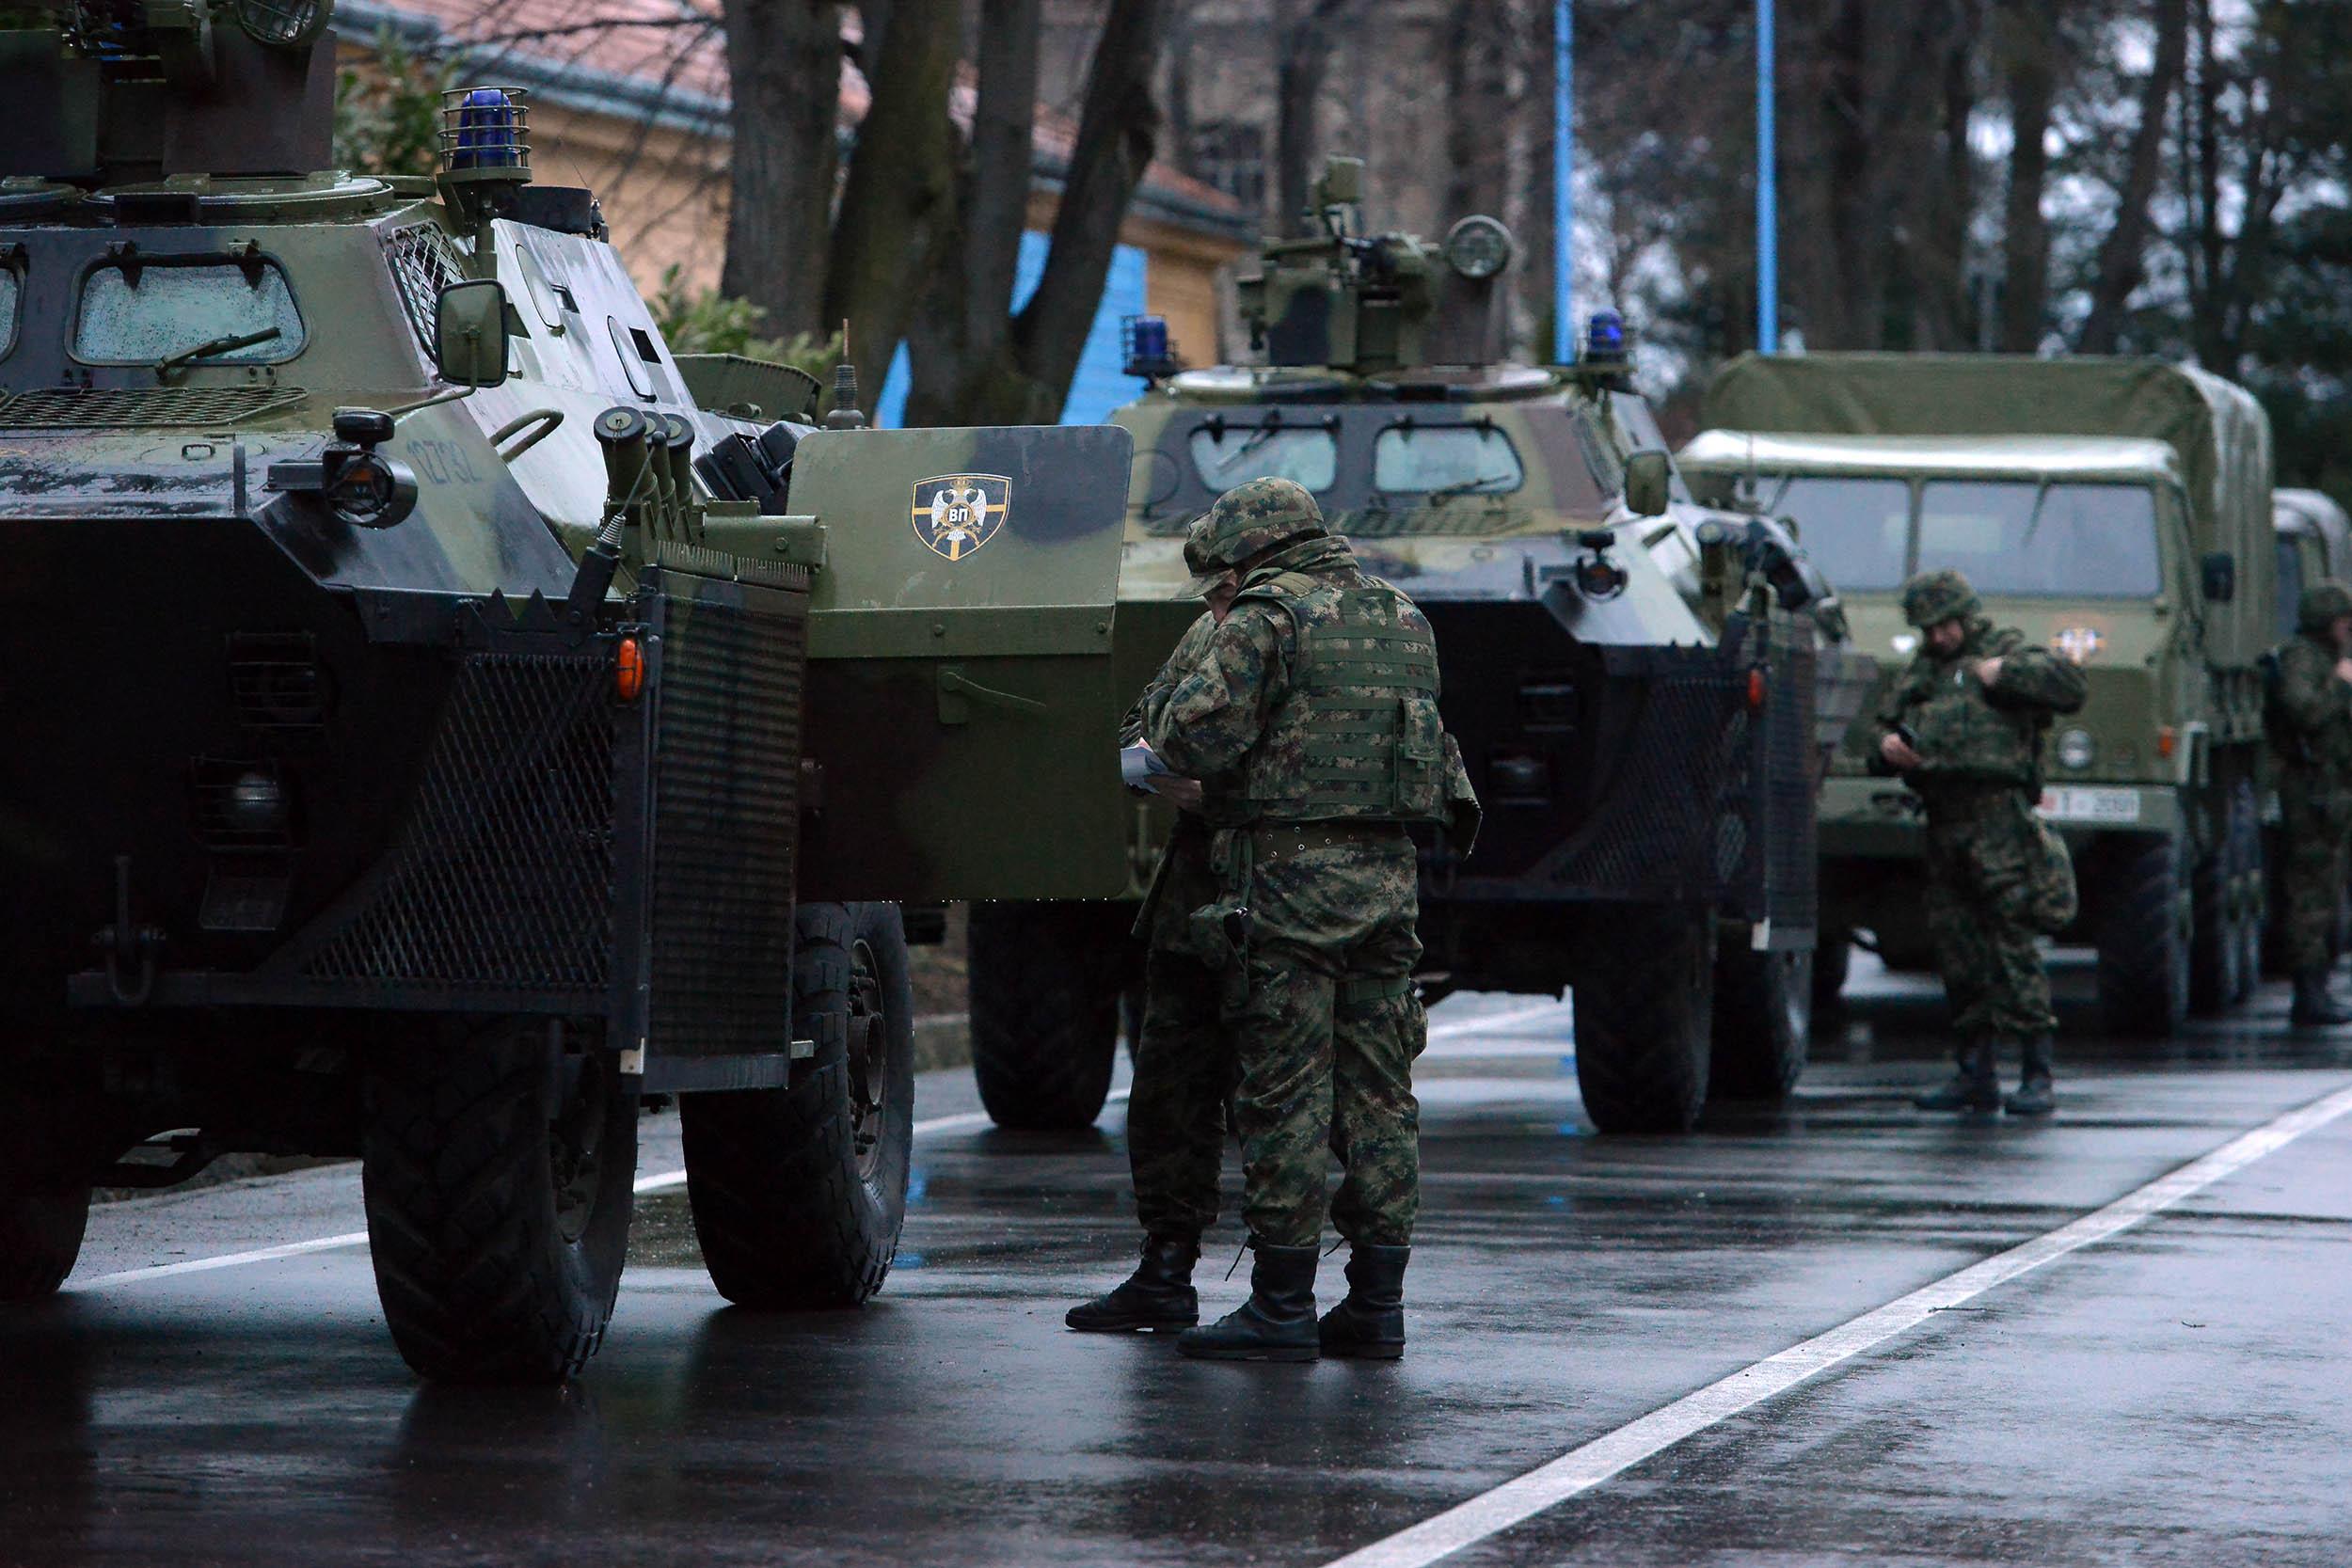 Провера снага Војске Србије за хитно реаговање